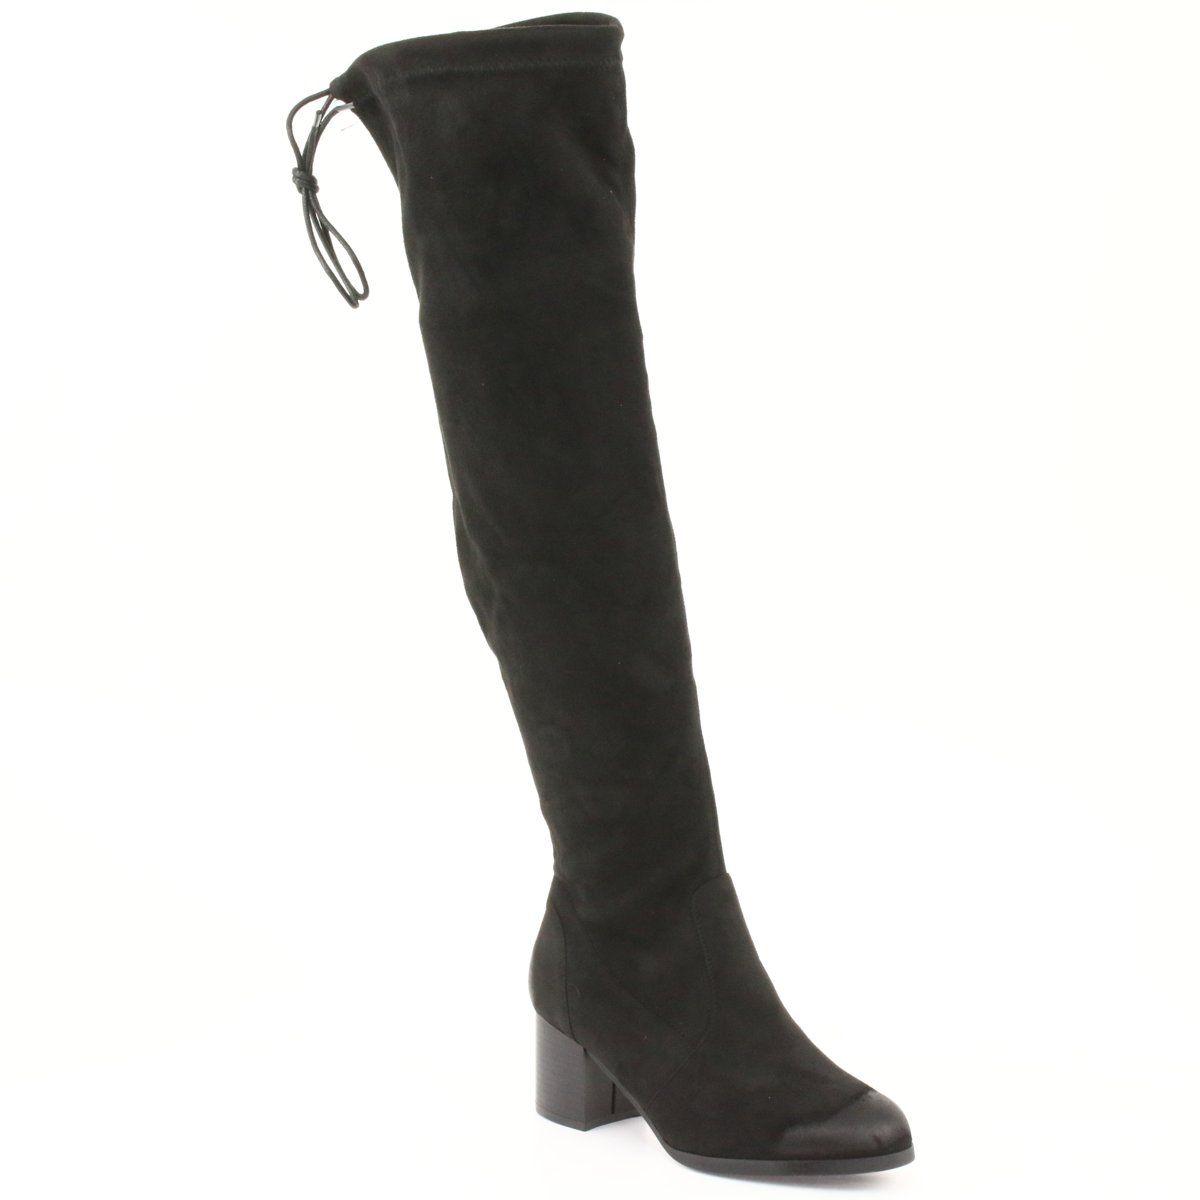 Daszynski Kozaki Zamszowe Za Kolano Czarne 1715 Boots Women S Over The Knee Boots Black Suede Boots